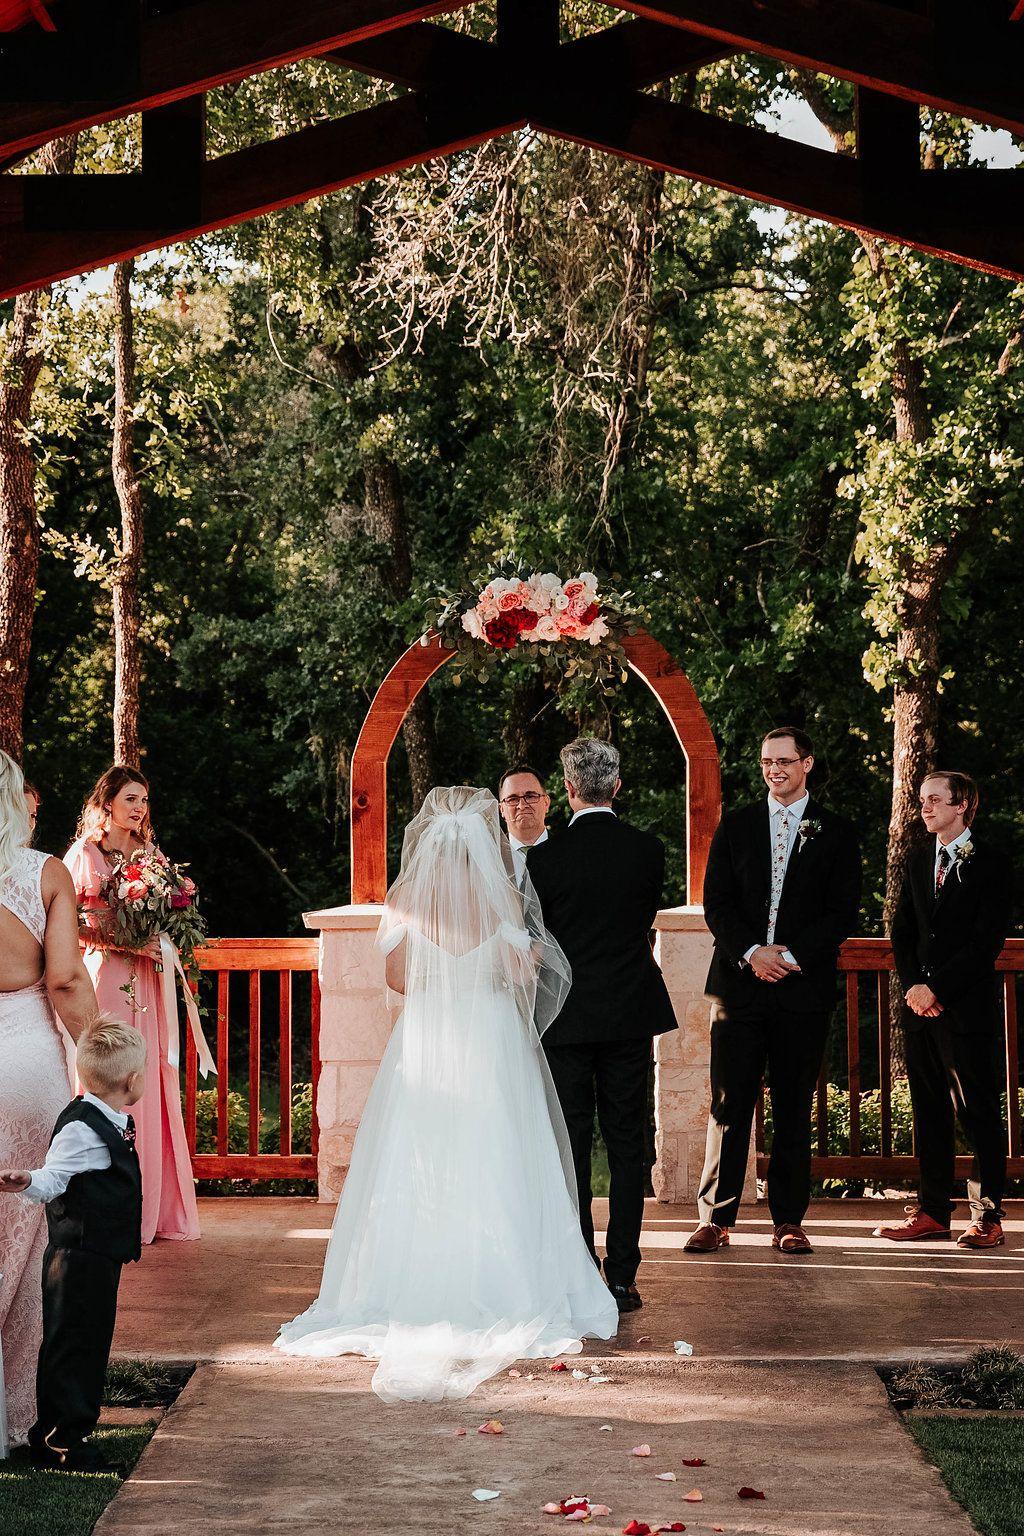 orange red  pink summer wedding flowers  outdoor summer wedding